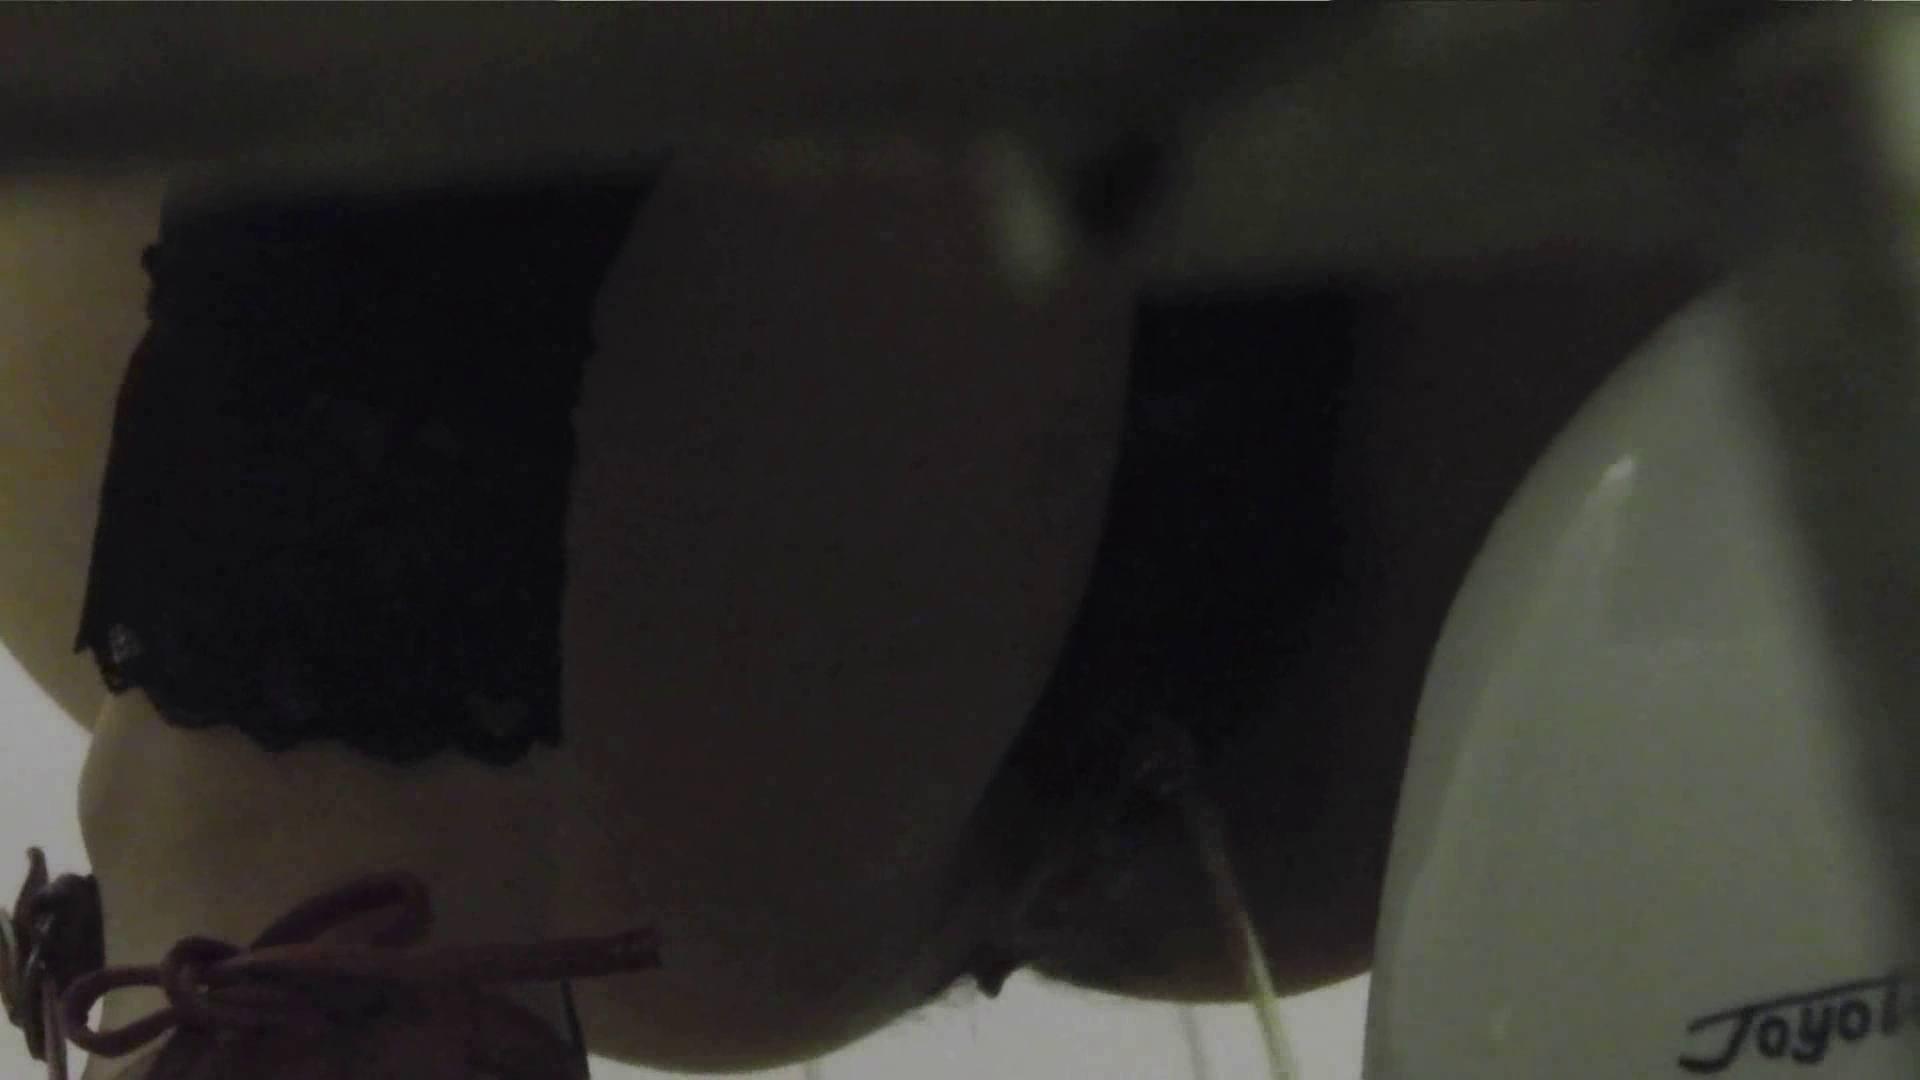 洗面所特攻隊 vol.020 びにょ~ん 洗面所着替え   OL  65連発 26